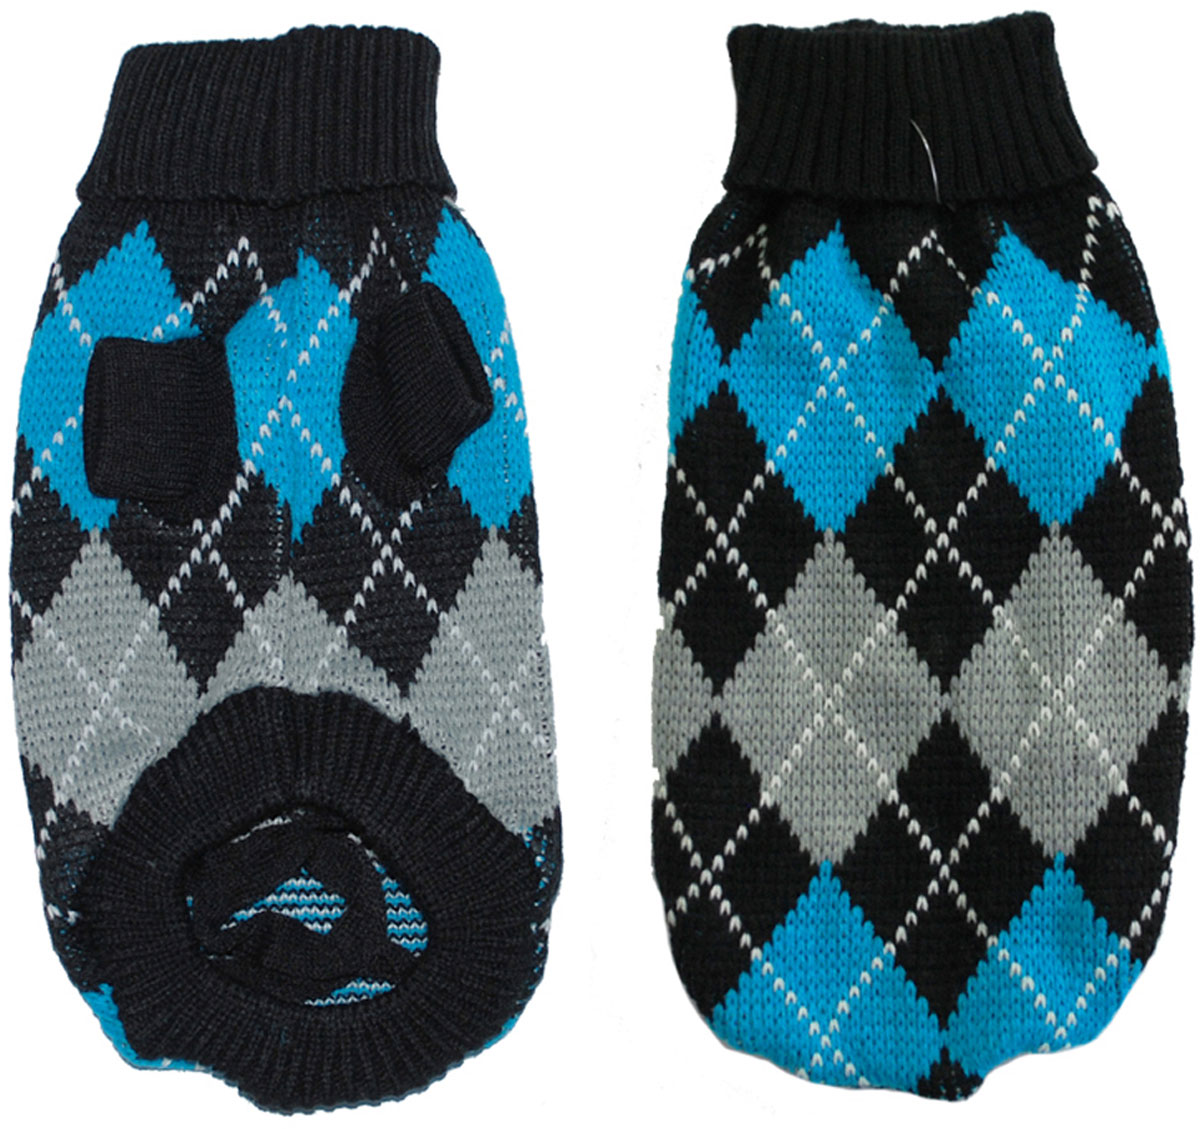 """Свитер для собак """"Уют"""", унисекс, цвет: черный, синий, серый. НМ24С. Размер S"""